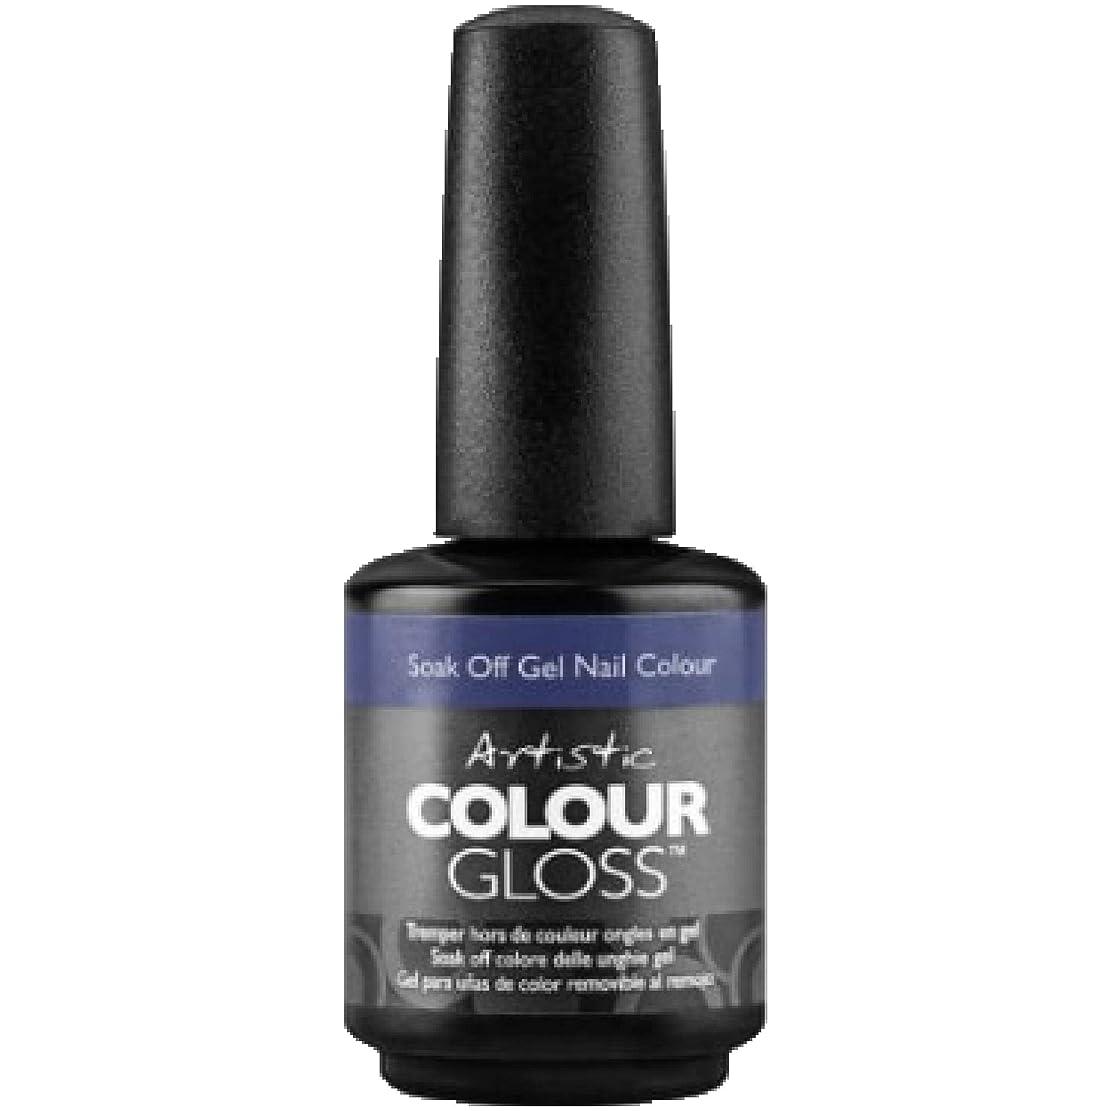 コミット紳士ビザArtistic Colour Gloss - War Party - 0.5oz/15ml